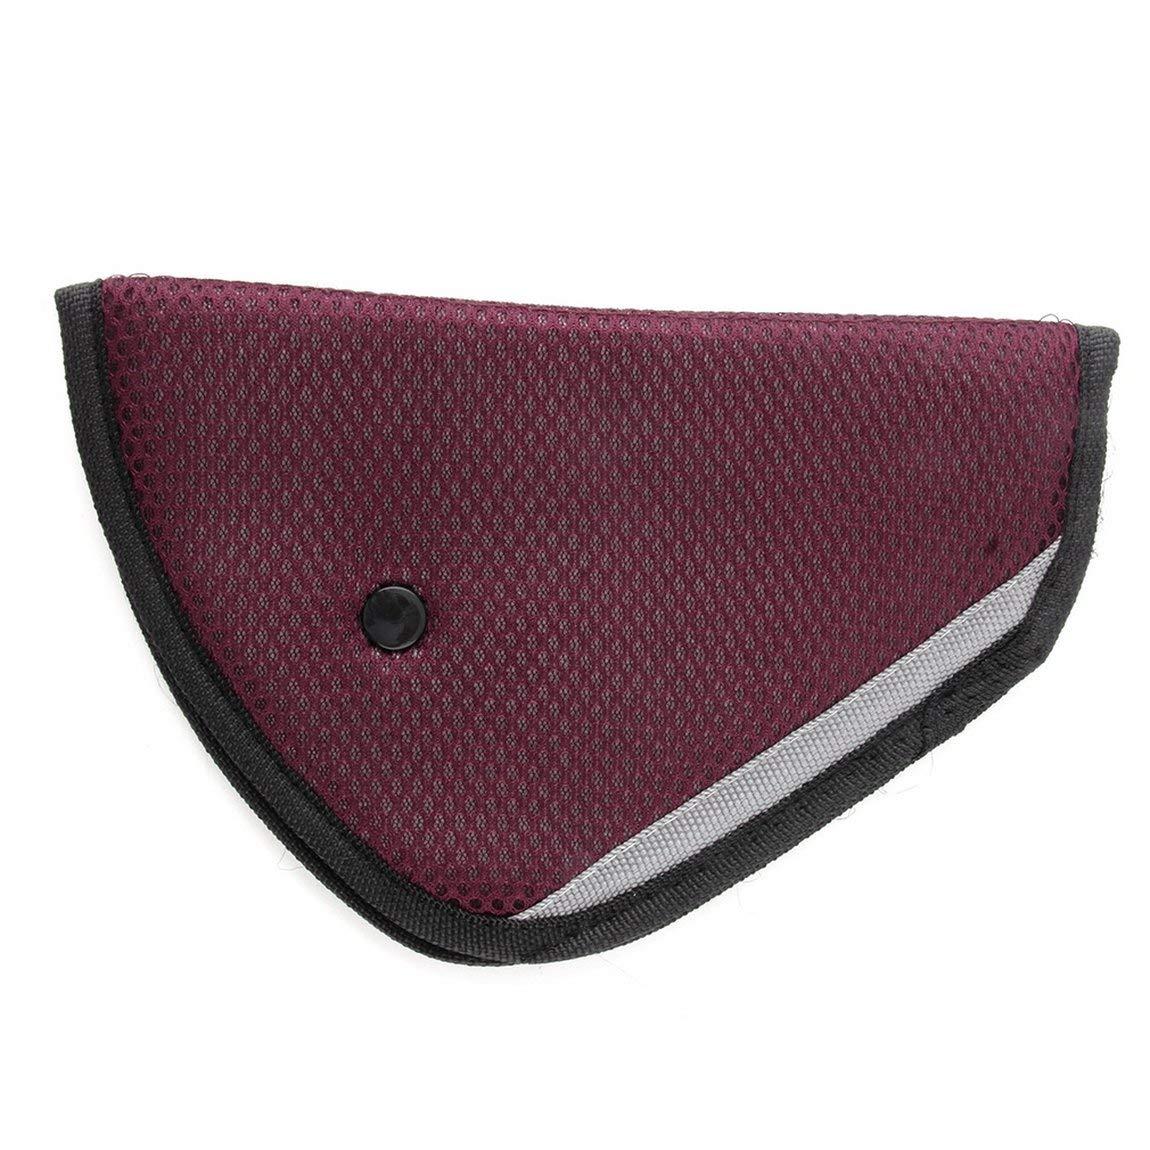 SeniorMar 8 Couleur Livraison Gratuite Voiture Safe Fit Seat Belt Adjuster Ceinture de sécurité de Voiture Ajuster Dispositif bébé Enfant Protecteur positioner Respirant